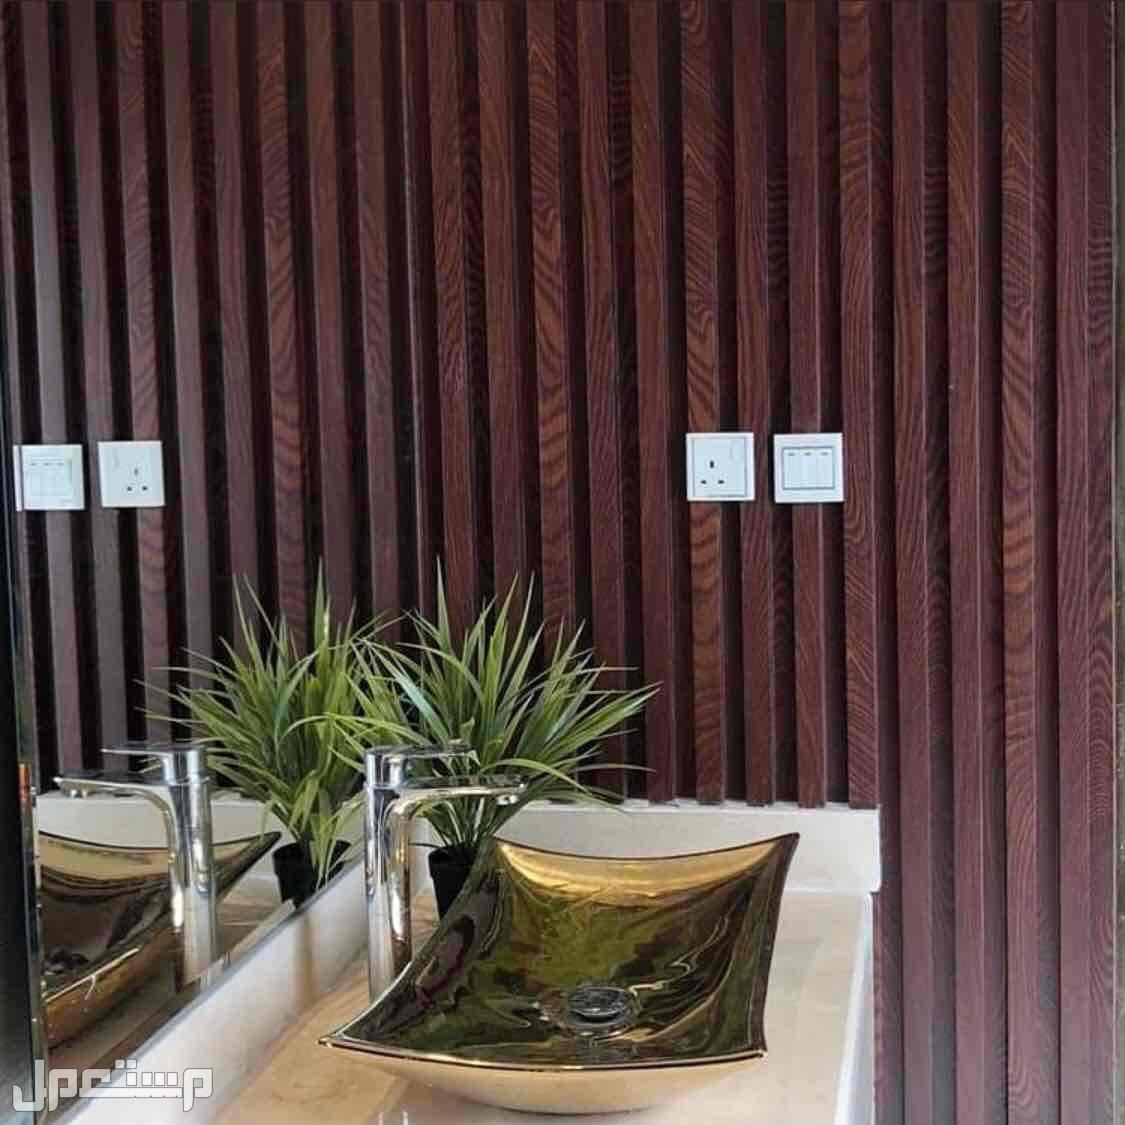 بديل خشب ، بديل رخام ، تكسيات جدارية : مؤسسة ديكور